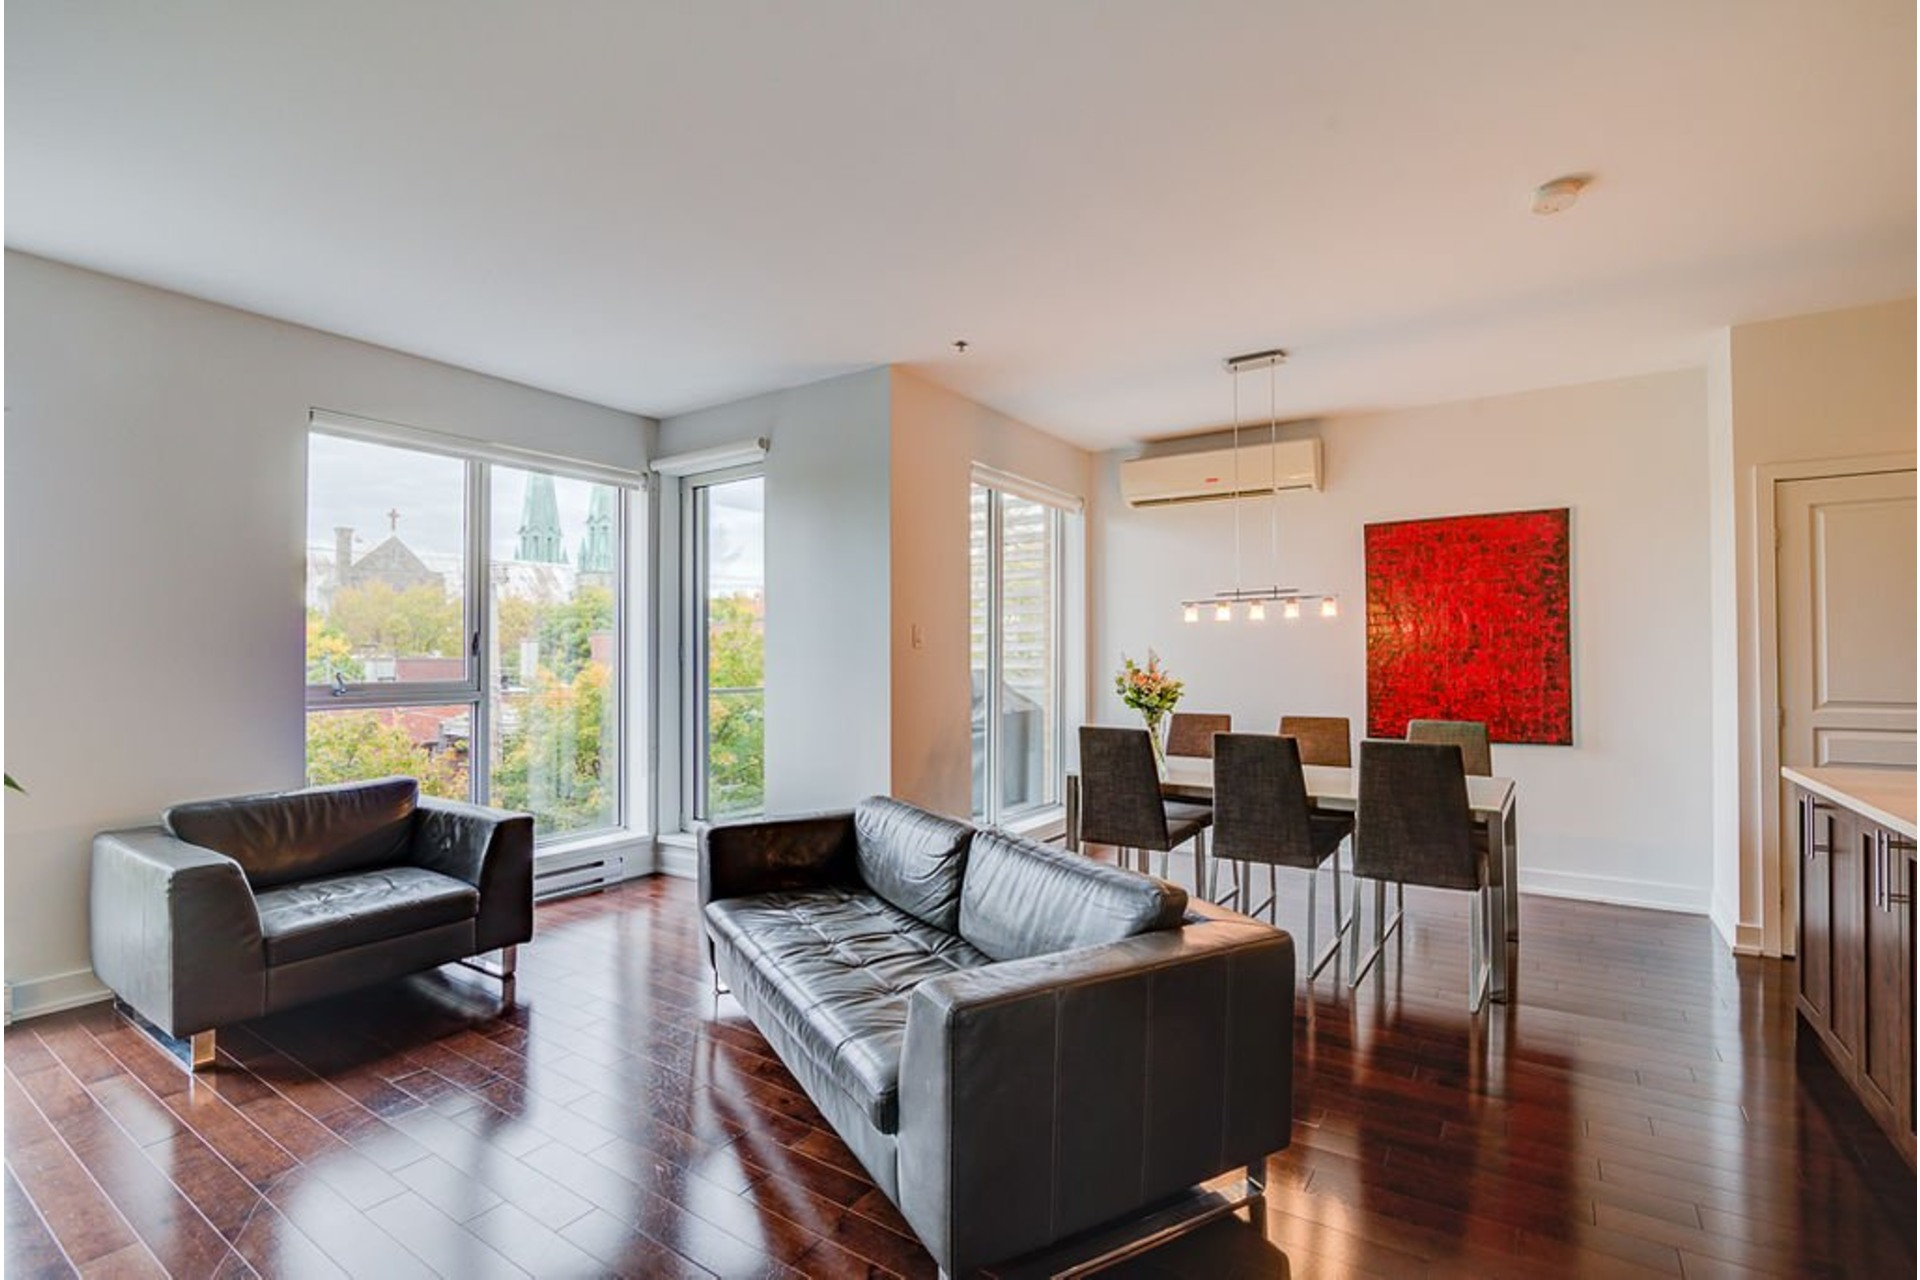 image 7 - Appartement À vendre Villeray/Saint-Michel/Parc-Extension Montréal  - 6 pièces